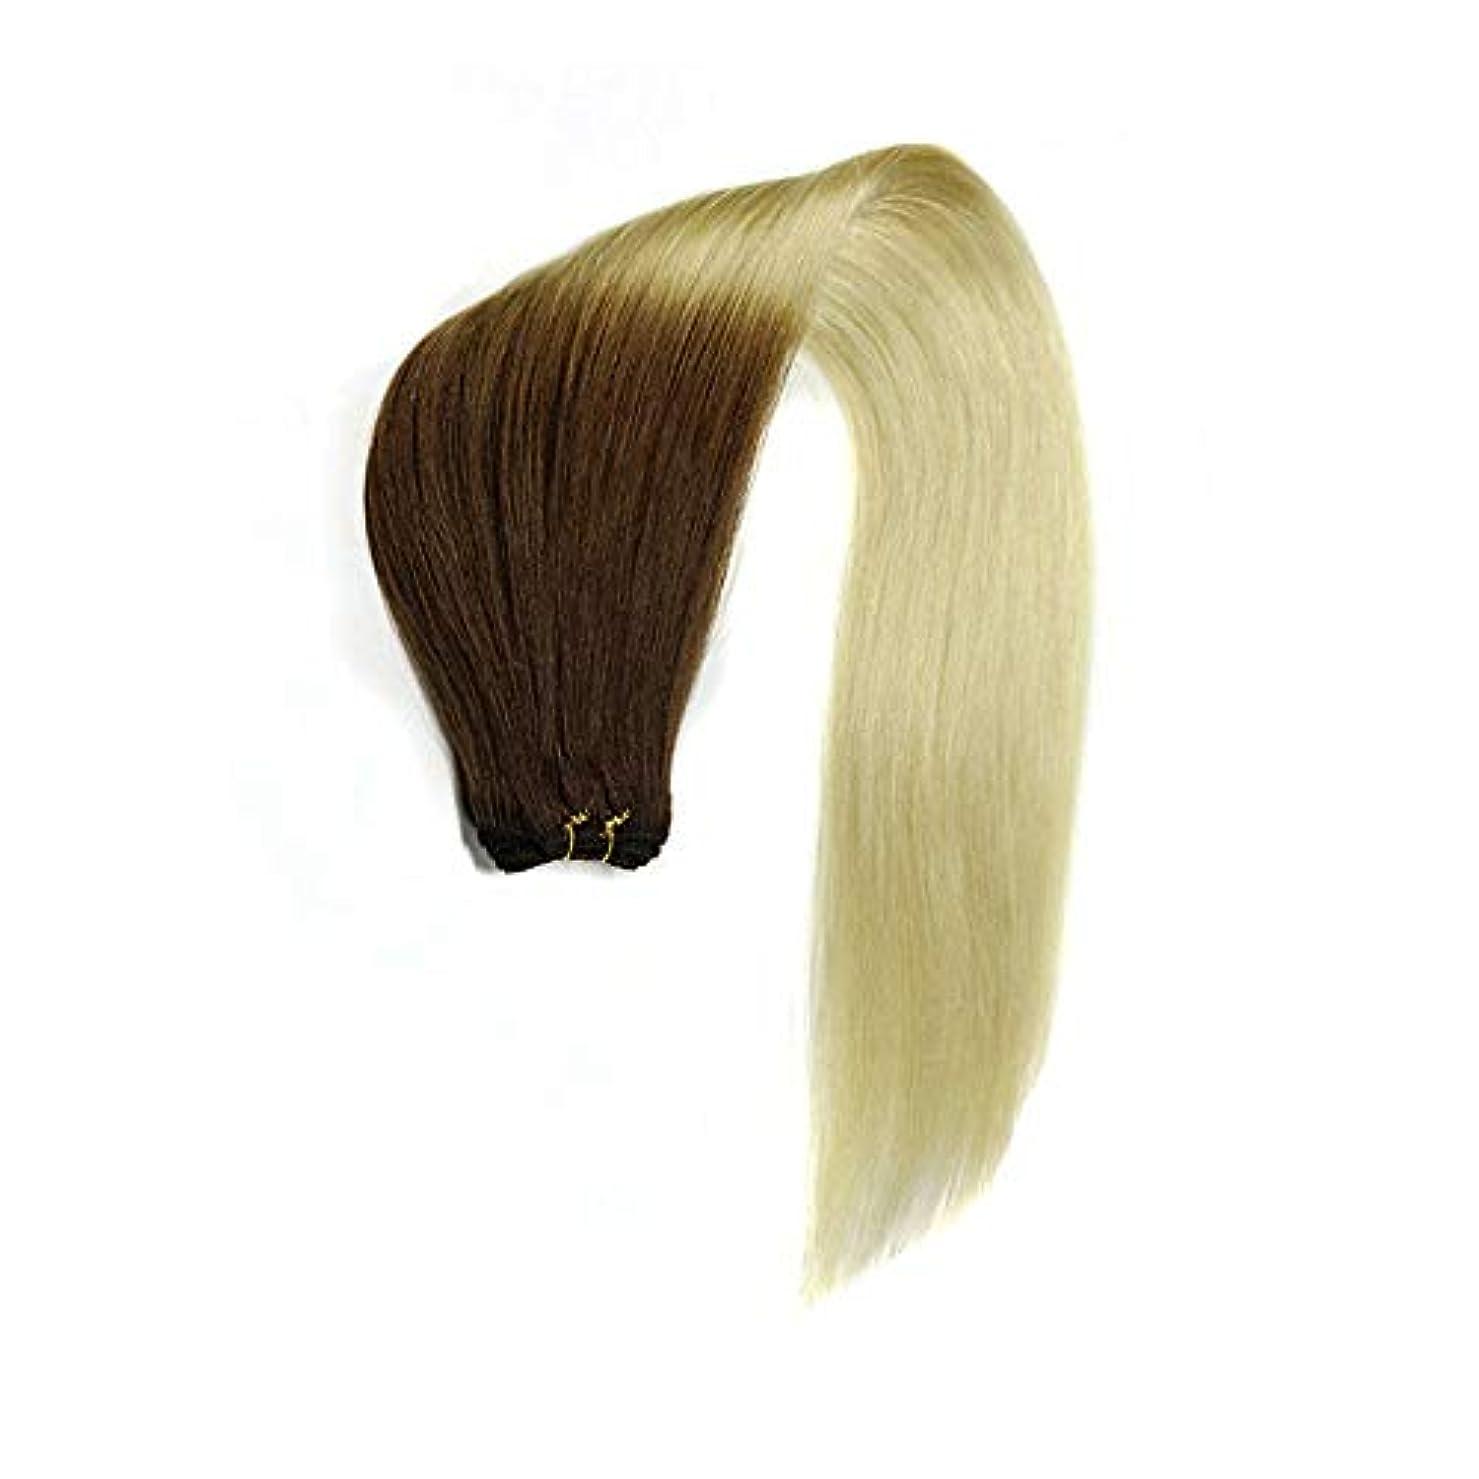 三角レタス感度WASAIO 女性のヘアエクステンションクリップ裏地なし髪型ブラジル人毛エクステンションわかりやすい横糸 (色 : Blonde, サイズ : 14 inch)